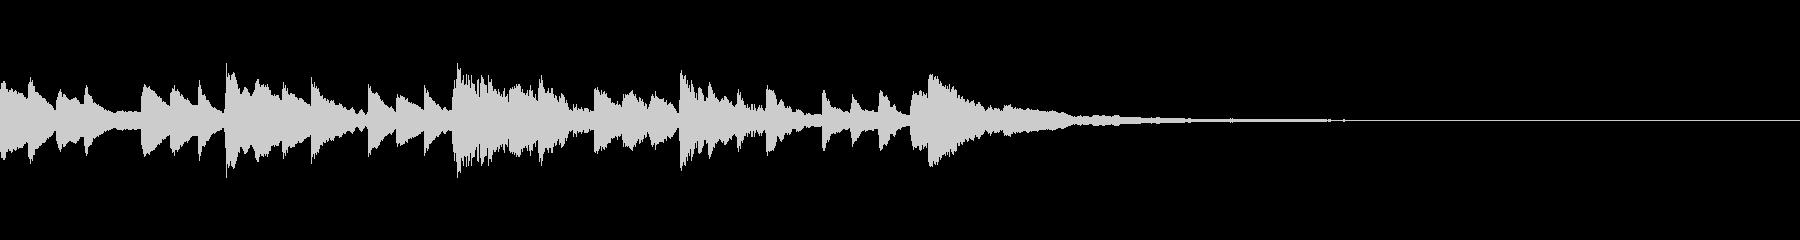 【ジングル】ピアノ/エンディング/CMの未再生の波形